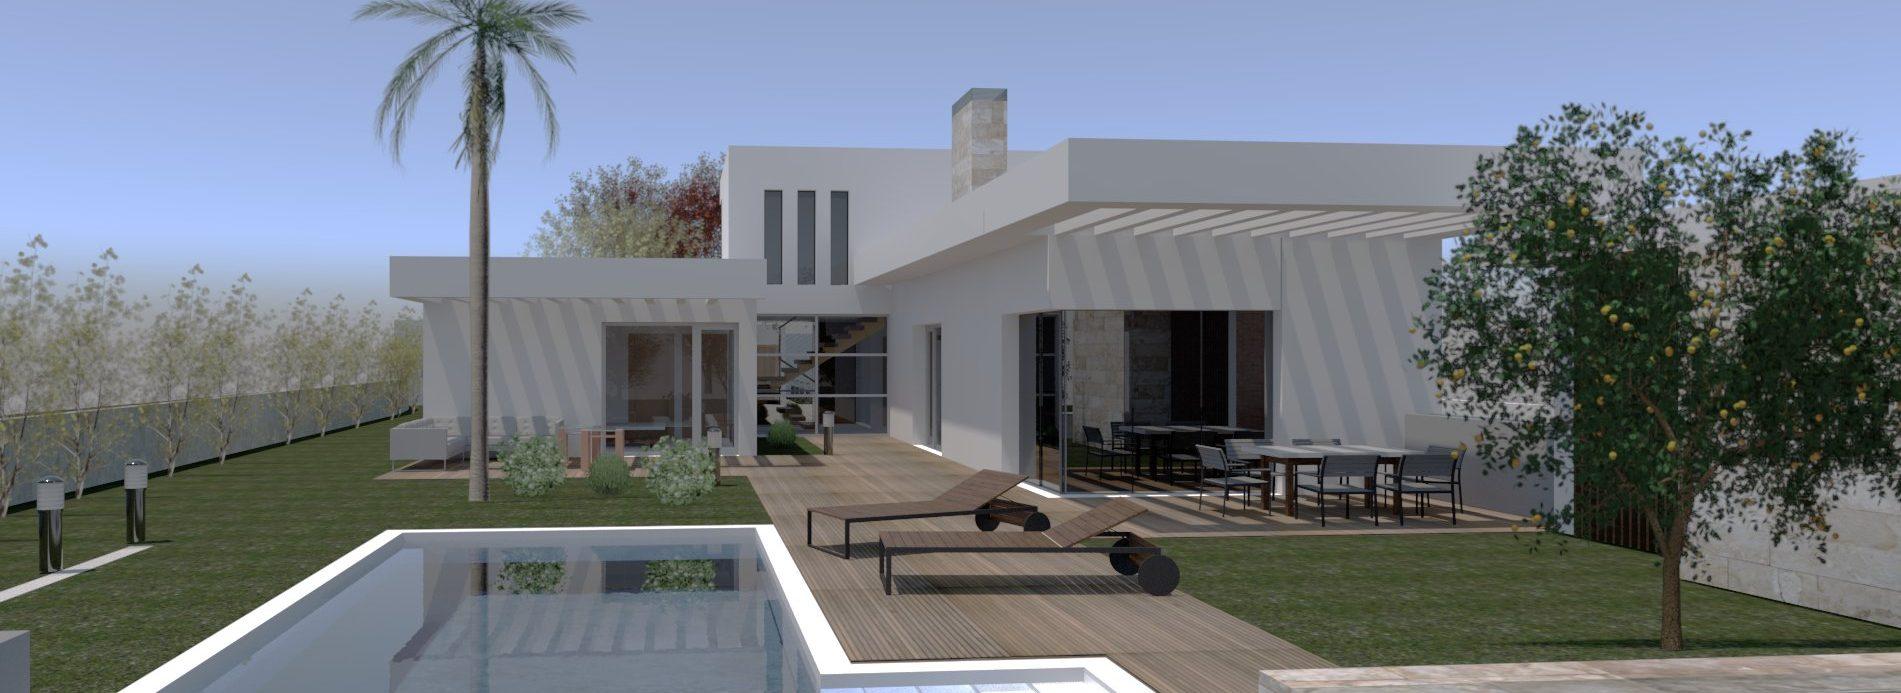 Martínez & Delgado Arquitectos